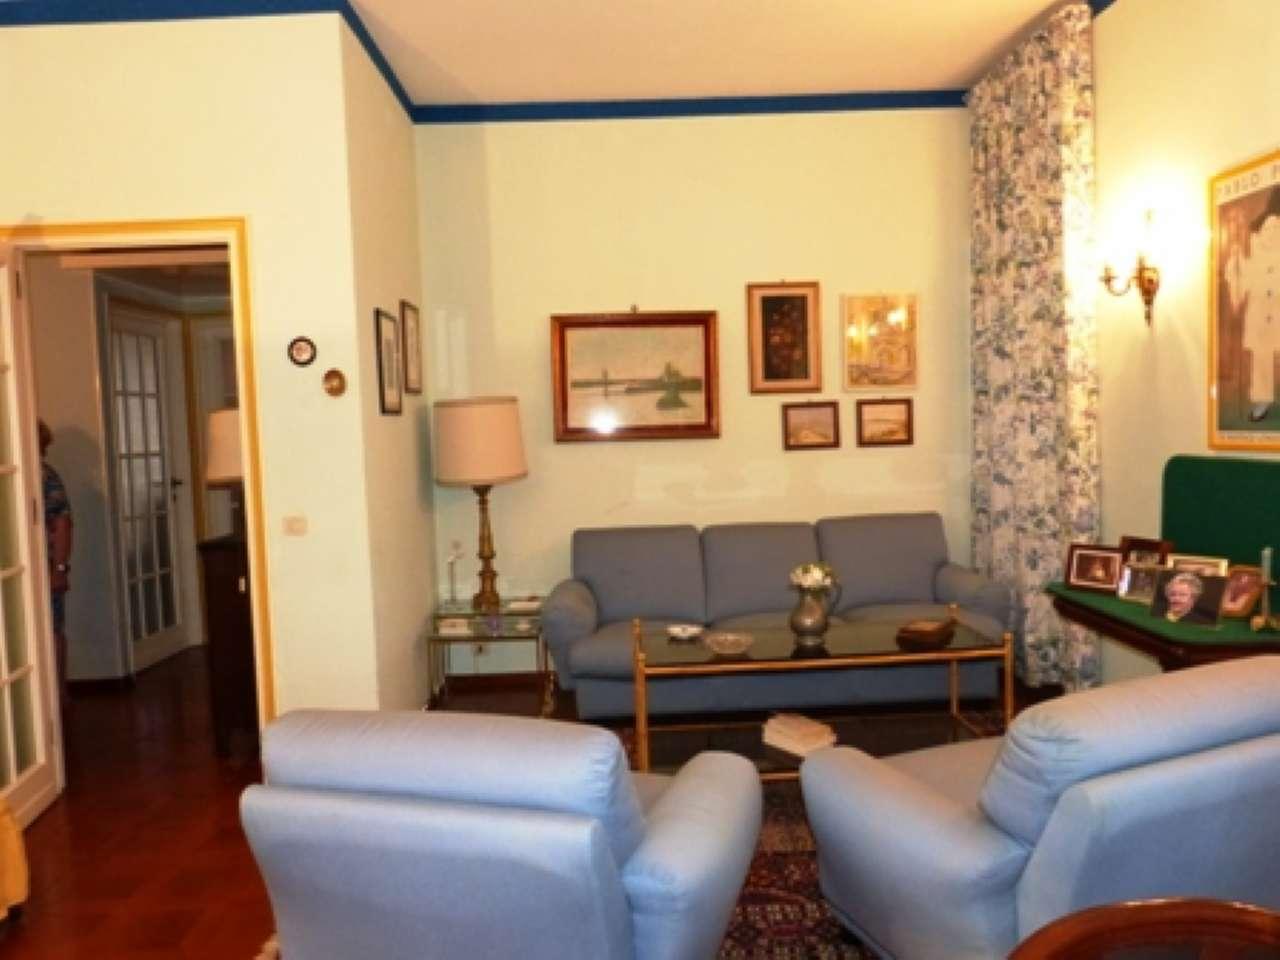 Appartamento in vendita a Fossano, 5 locali, prezzo € 143.000 | CambioCasa.it